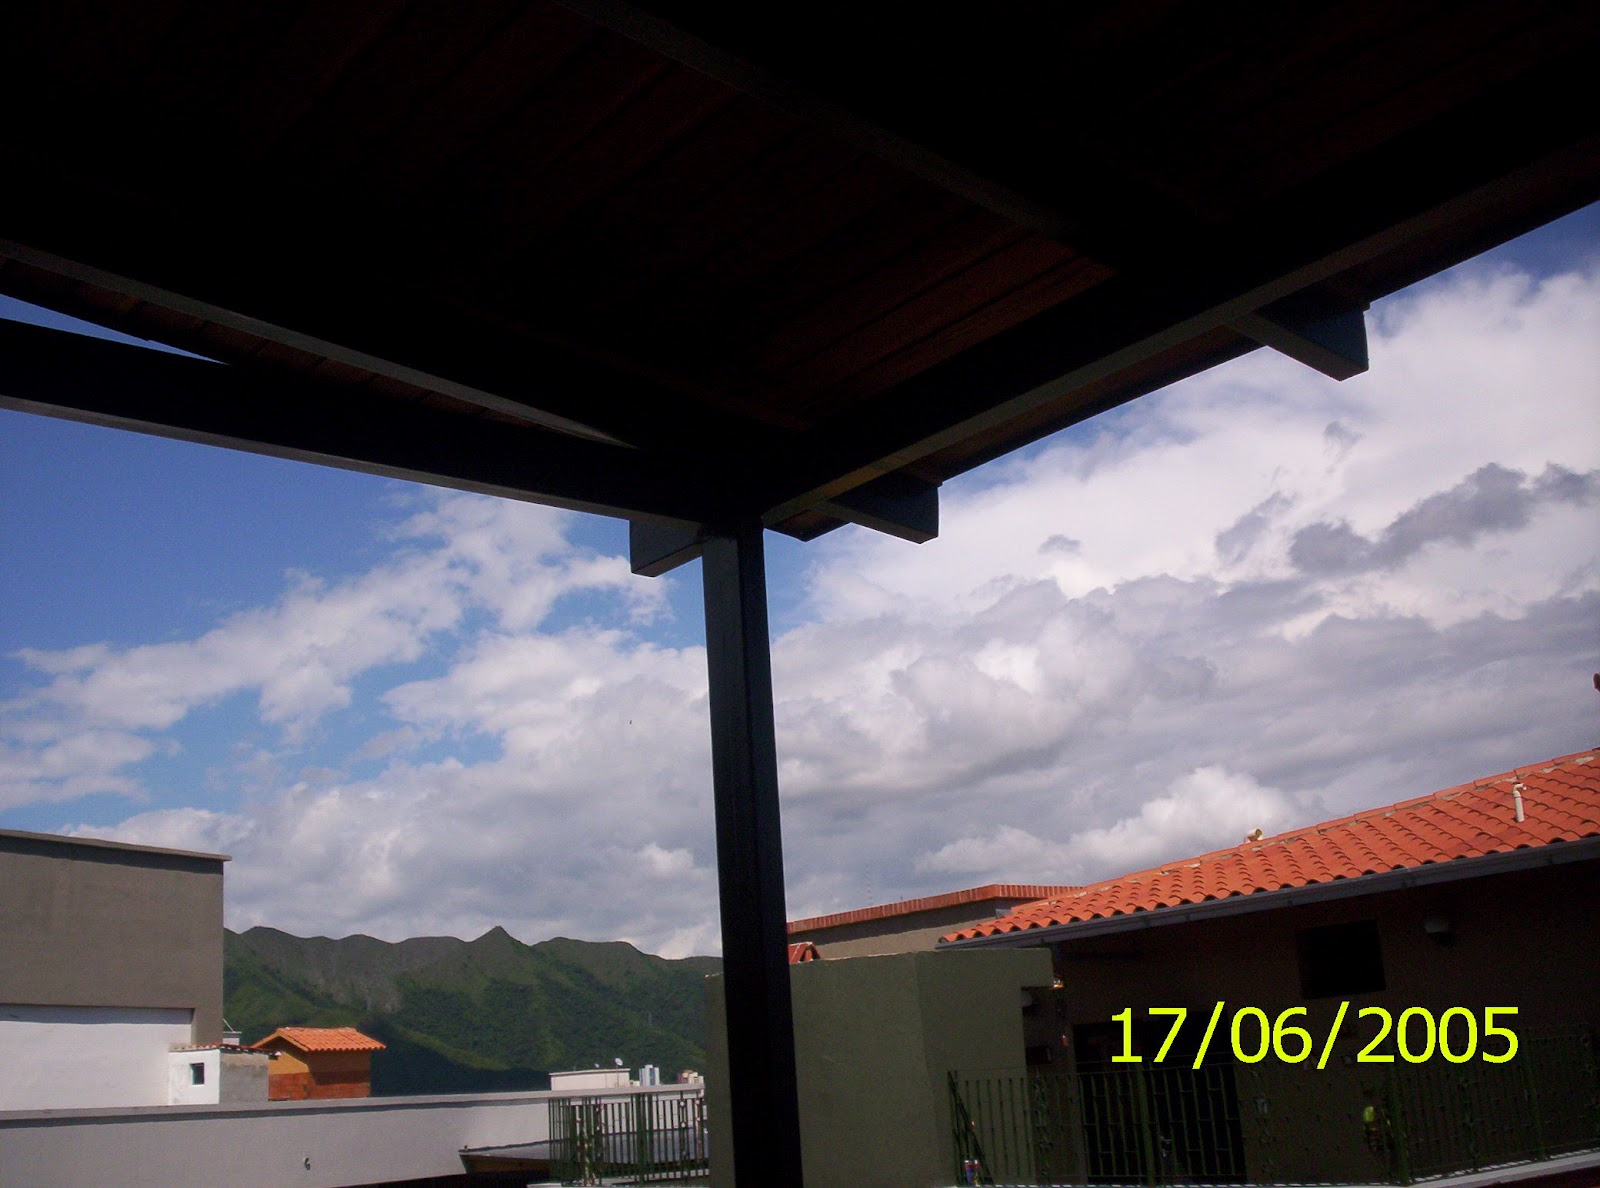 Pisos y techos forex